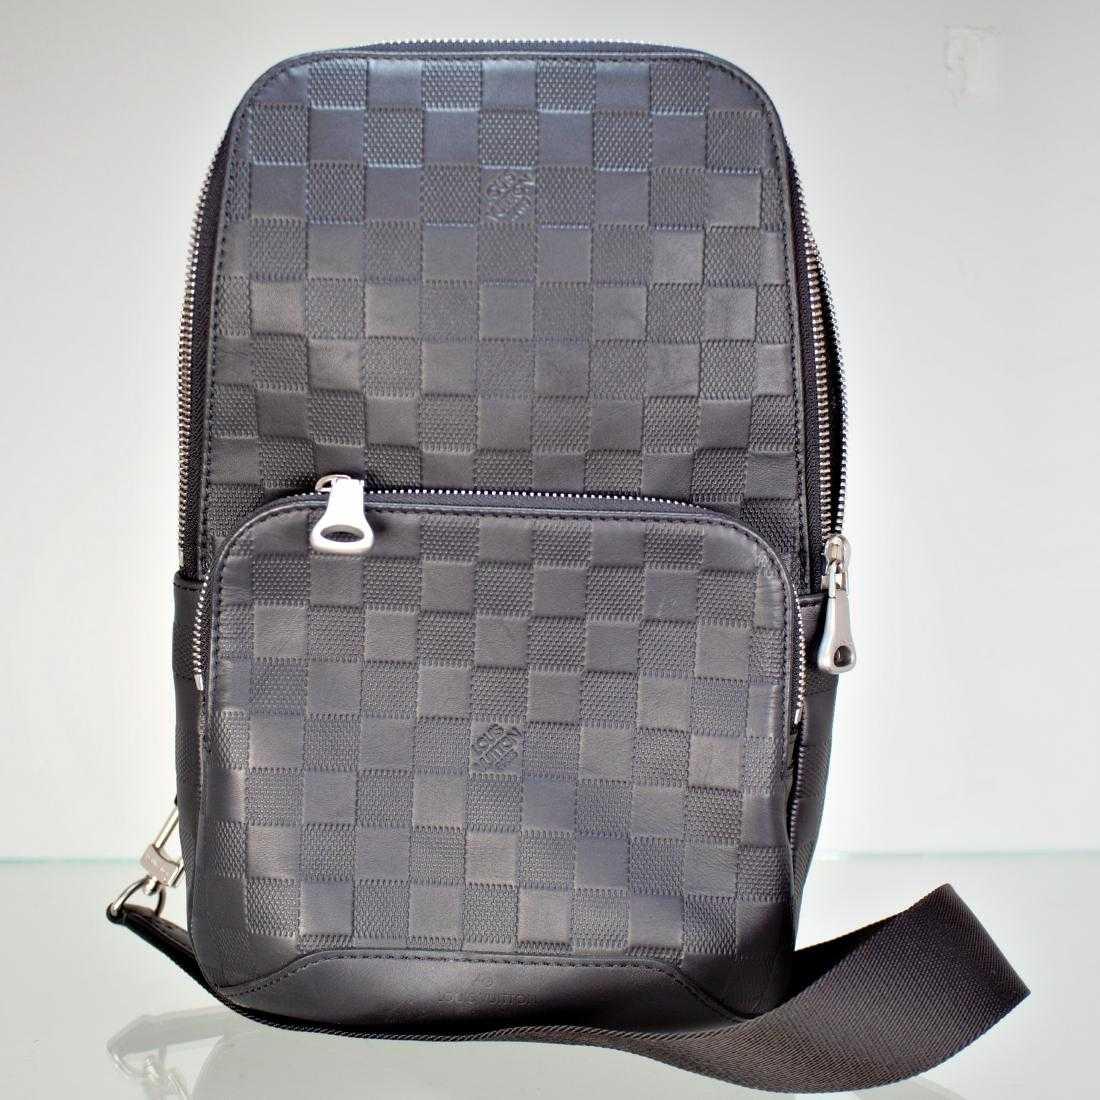 6e32228f5d84 Louis Vuitton AVENUE SLING BAG